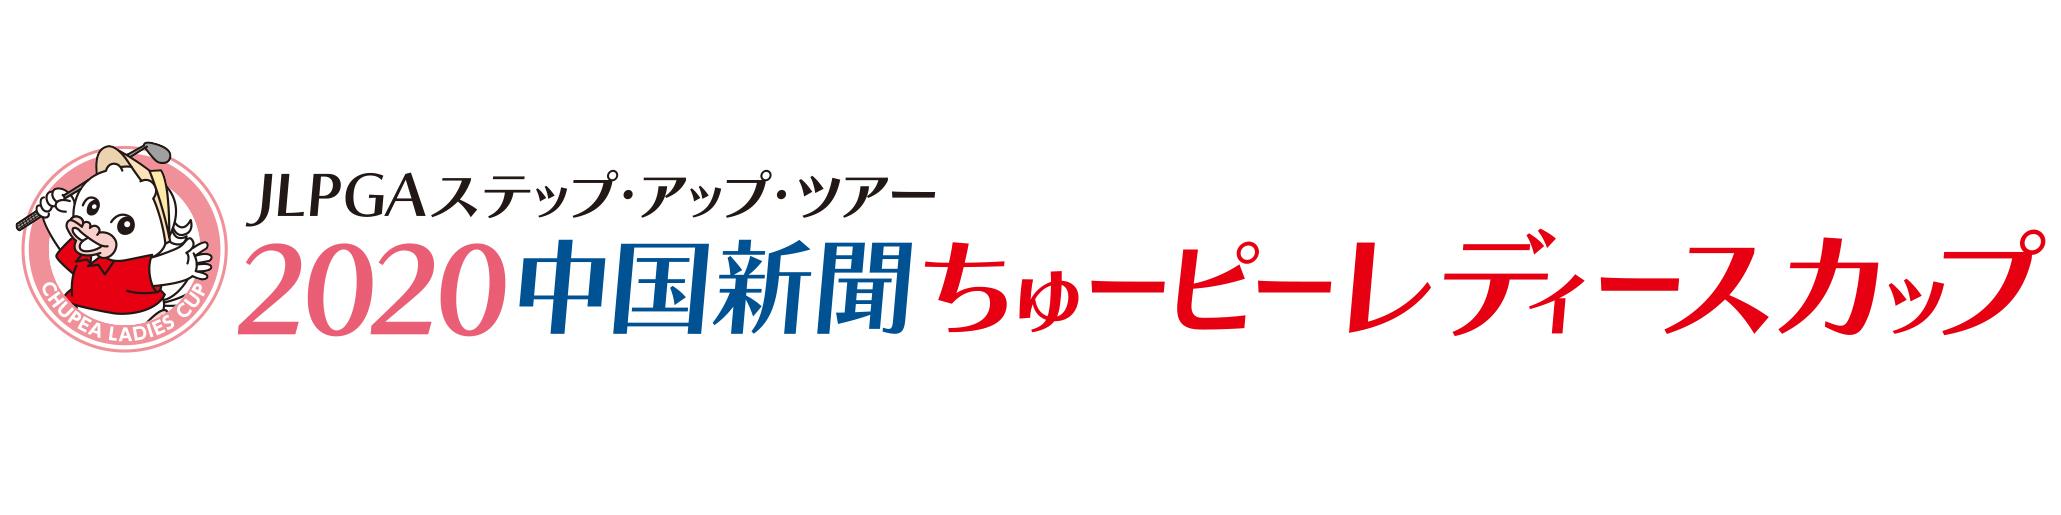 2020中国新聞ちゅーピーレディースカップ